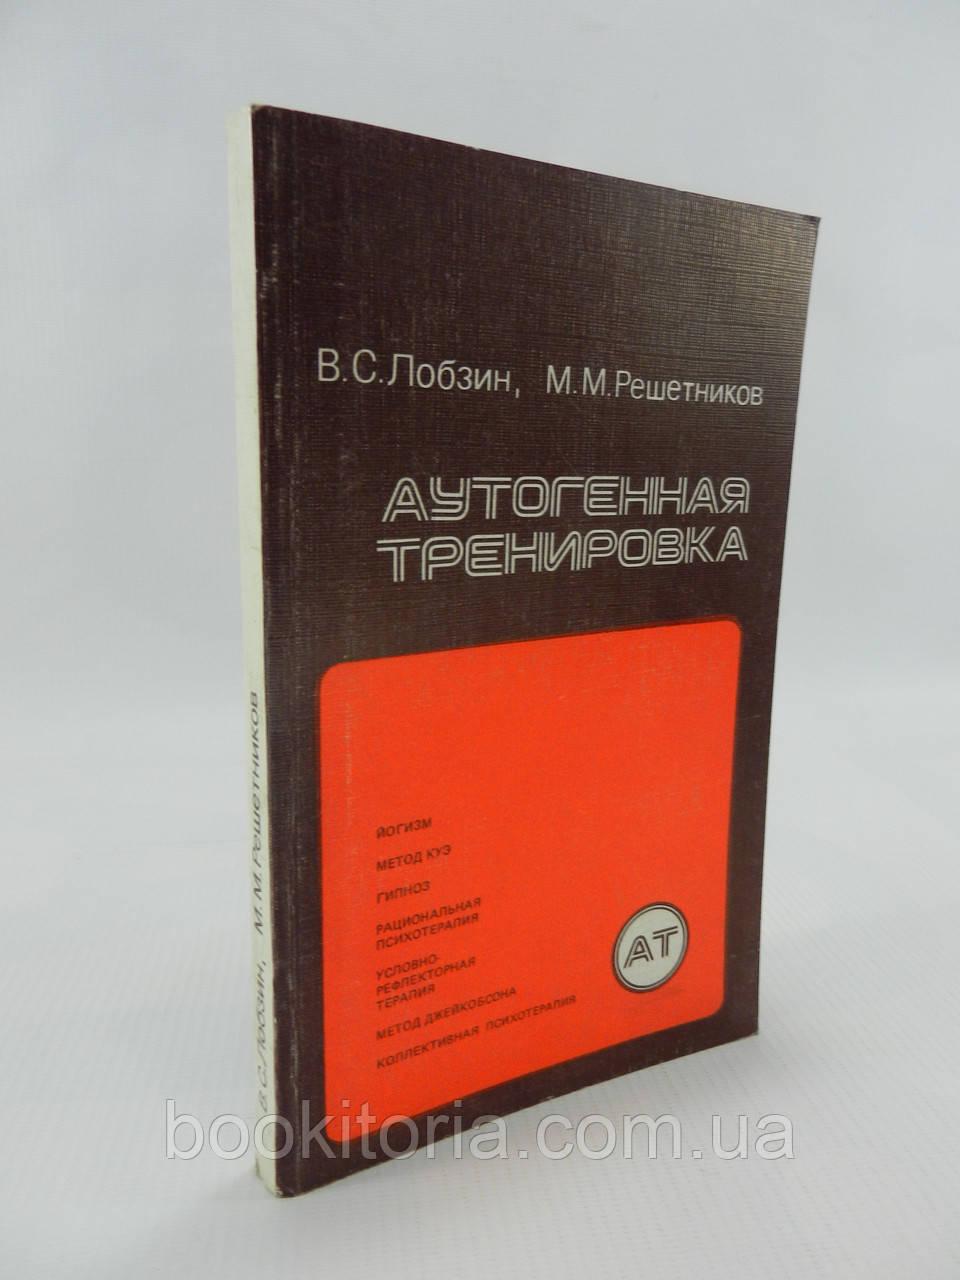 Лобзин В., Решетников М. Аутогенная тренировка (б/у).